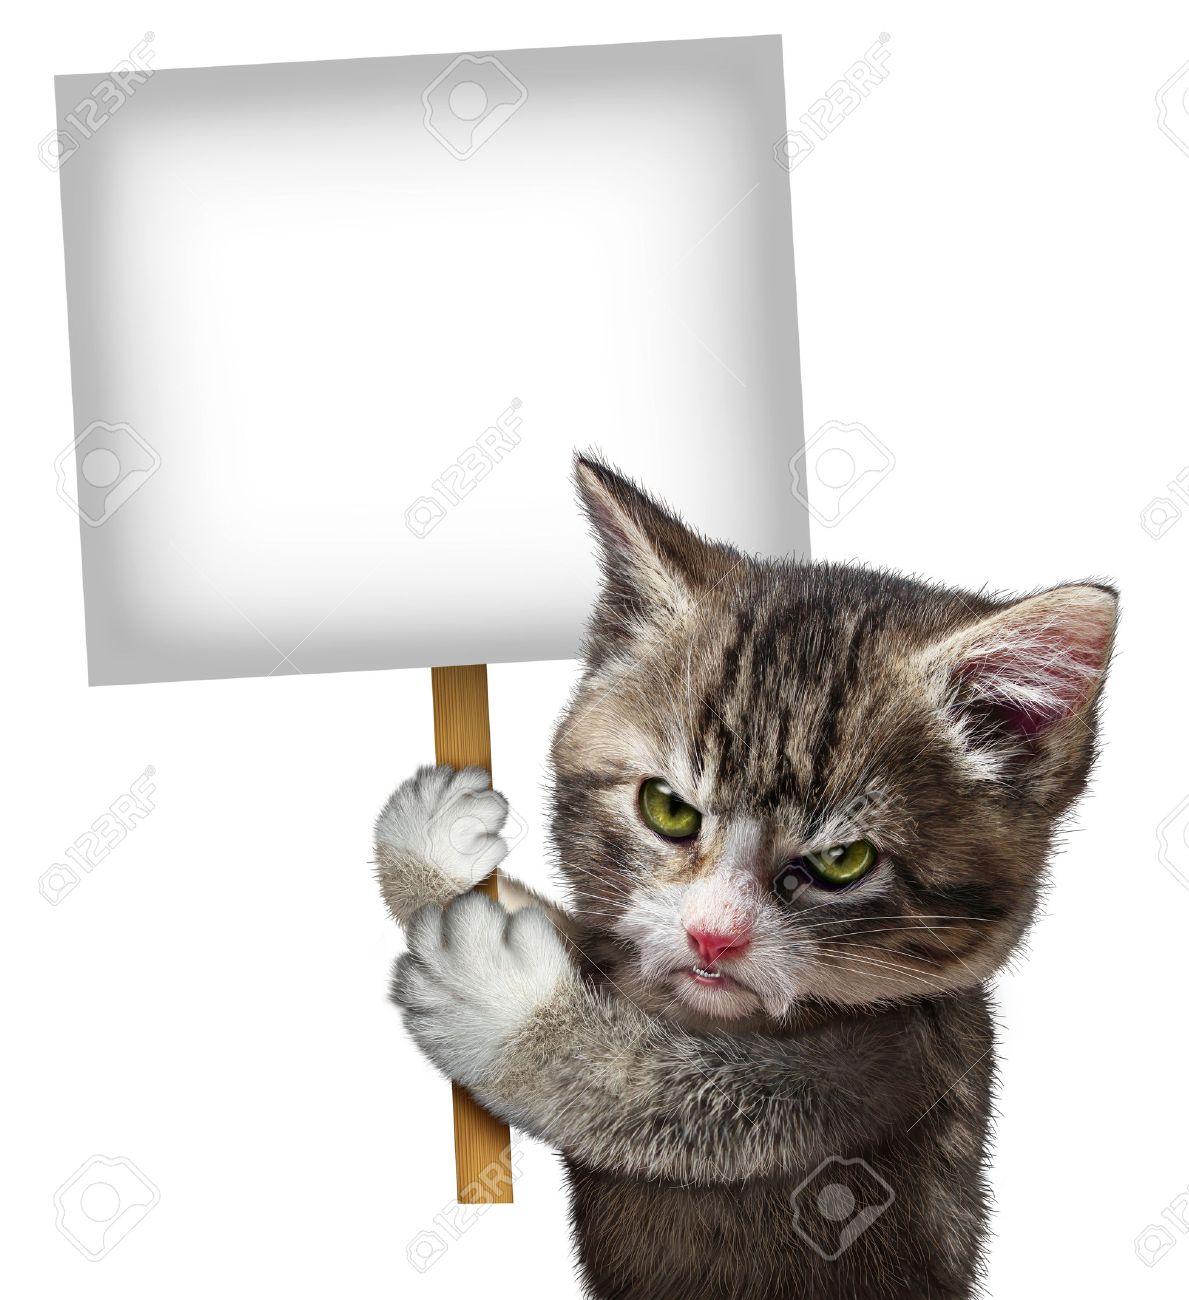 Chat Furieux angry chat tenant un signe de carte vierge comme un chaton félin